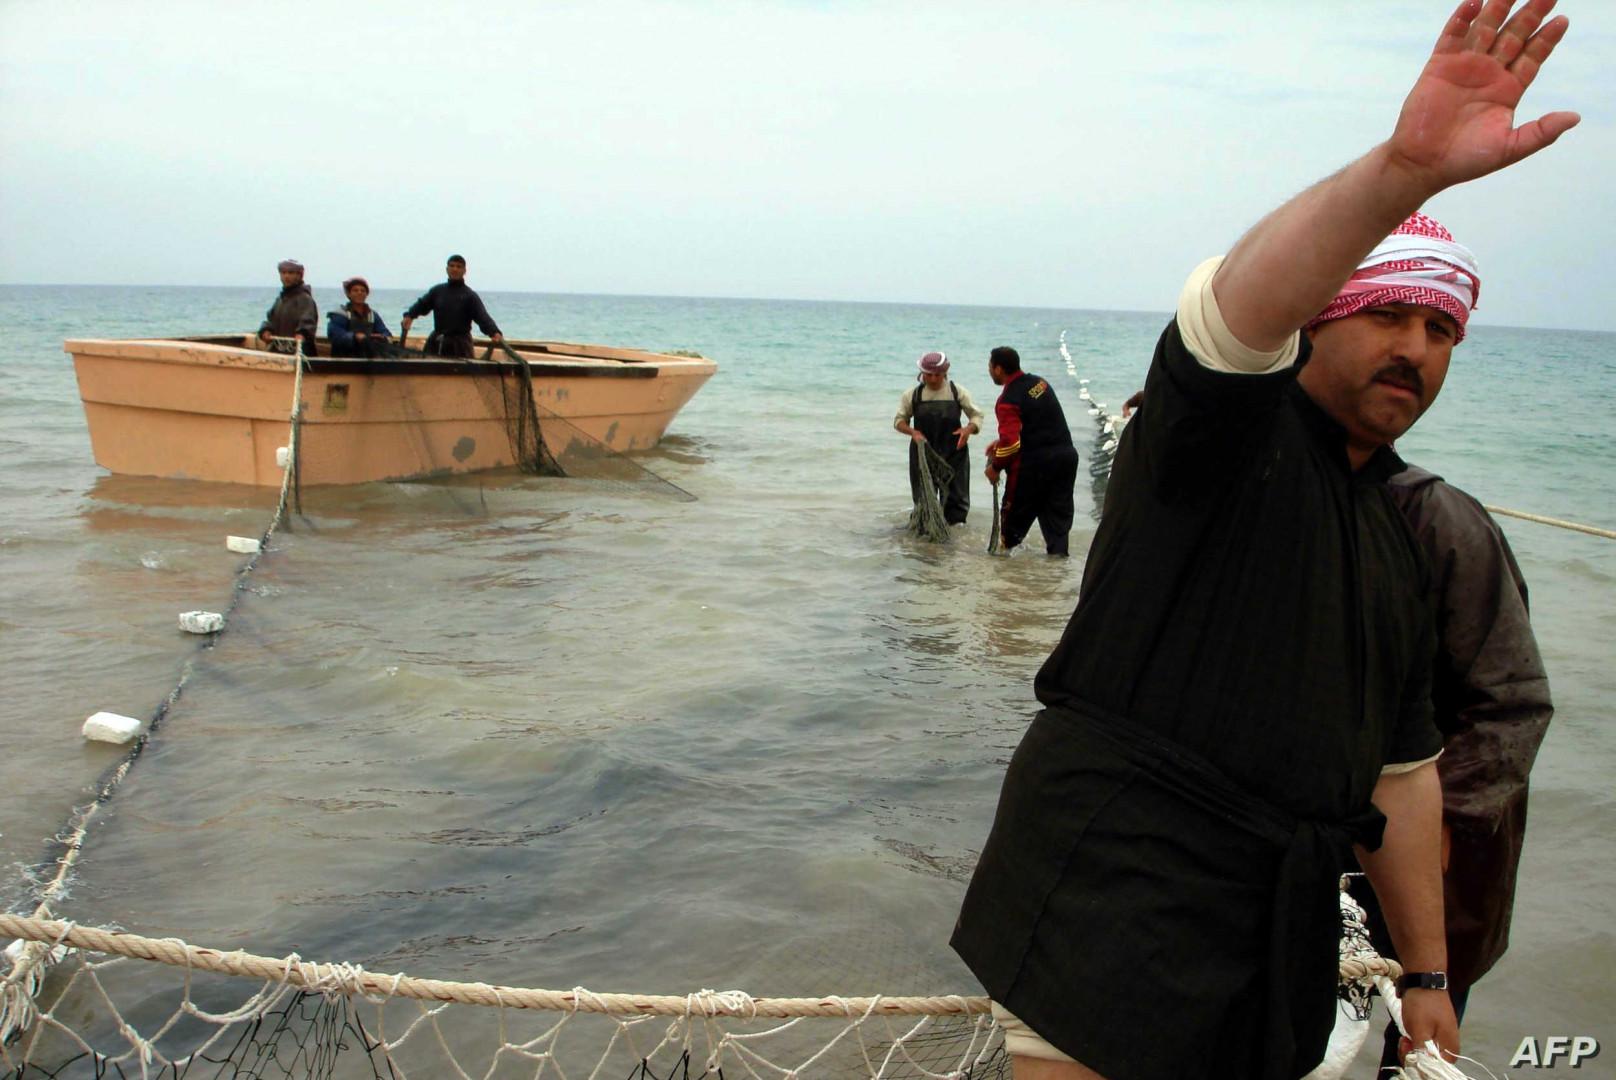 أوامر أمنية في نينوى تمنع النزول إلى نهر دجلة بعد غروب الشمس